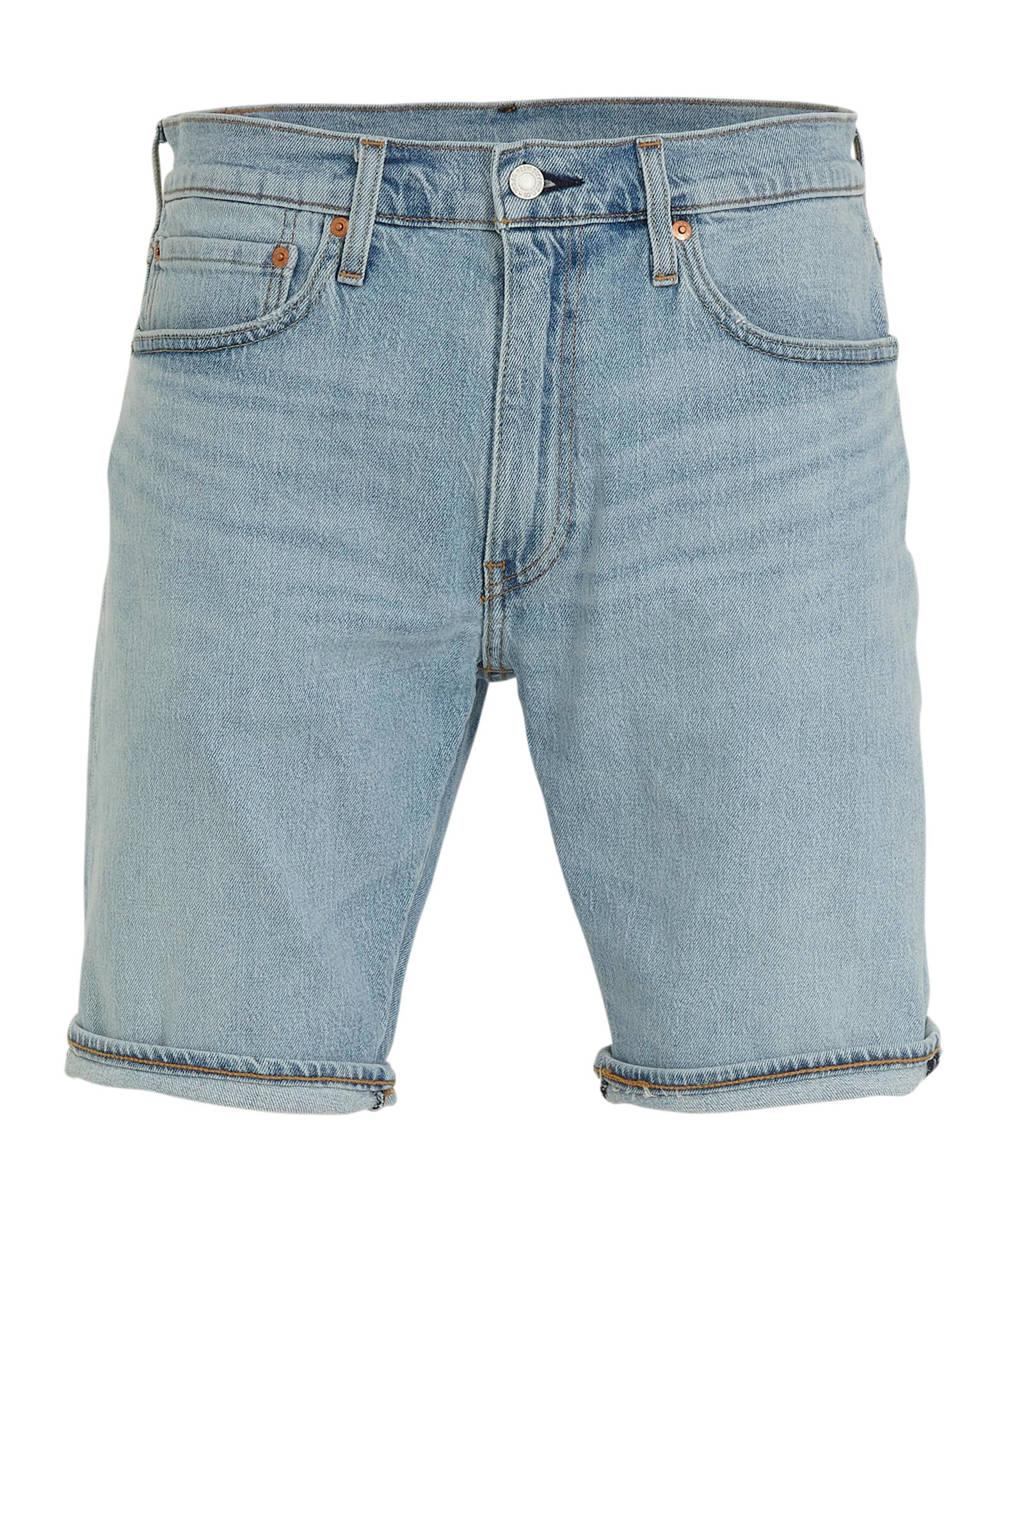 Levi's 502 regular fit jeans short toast short, TOAST SHORT